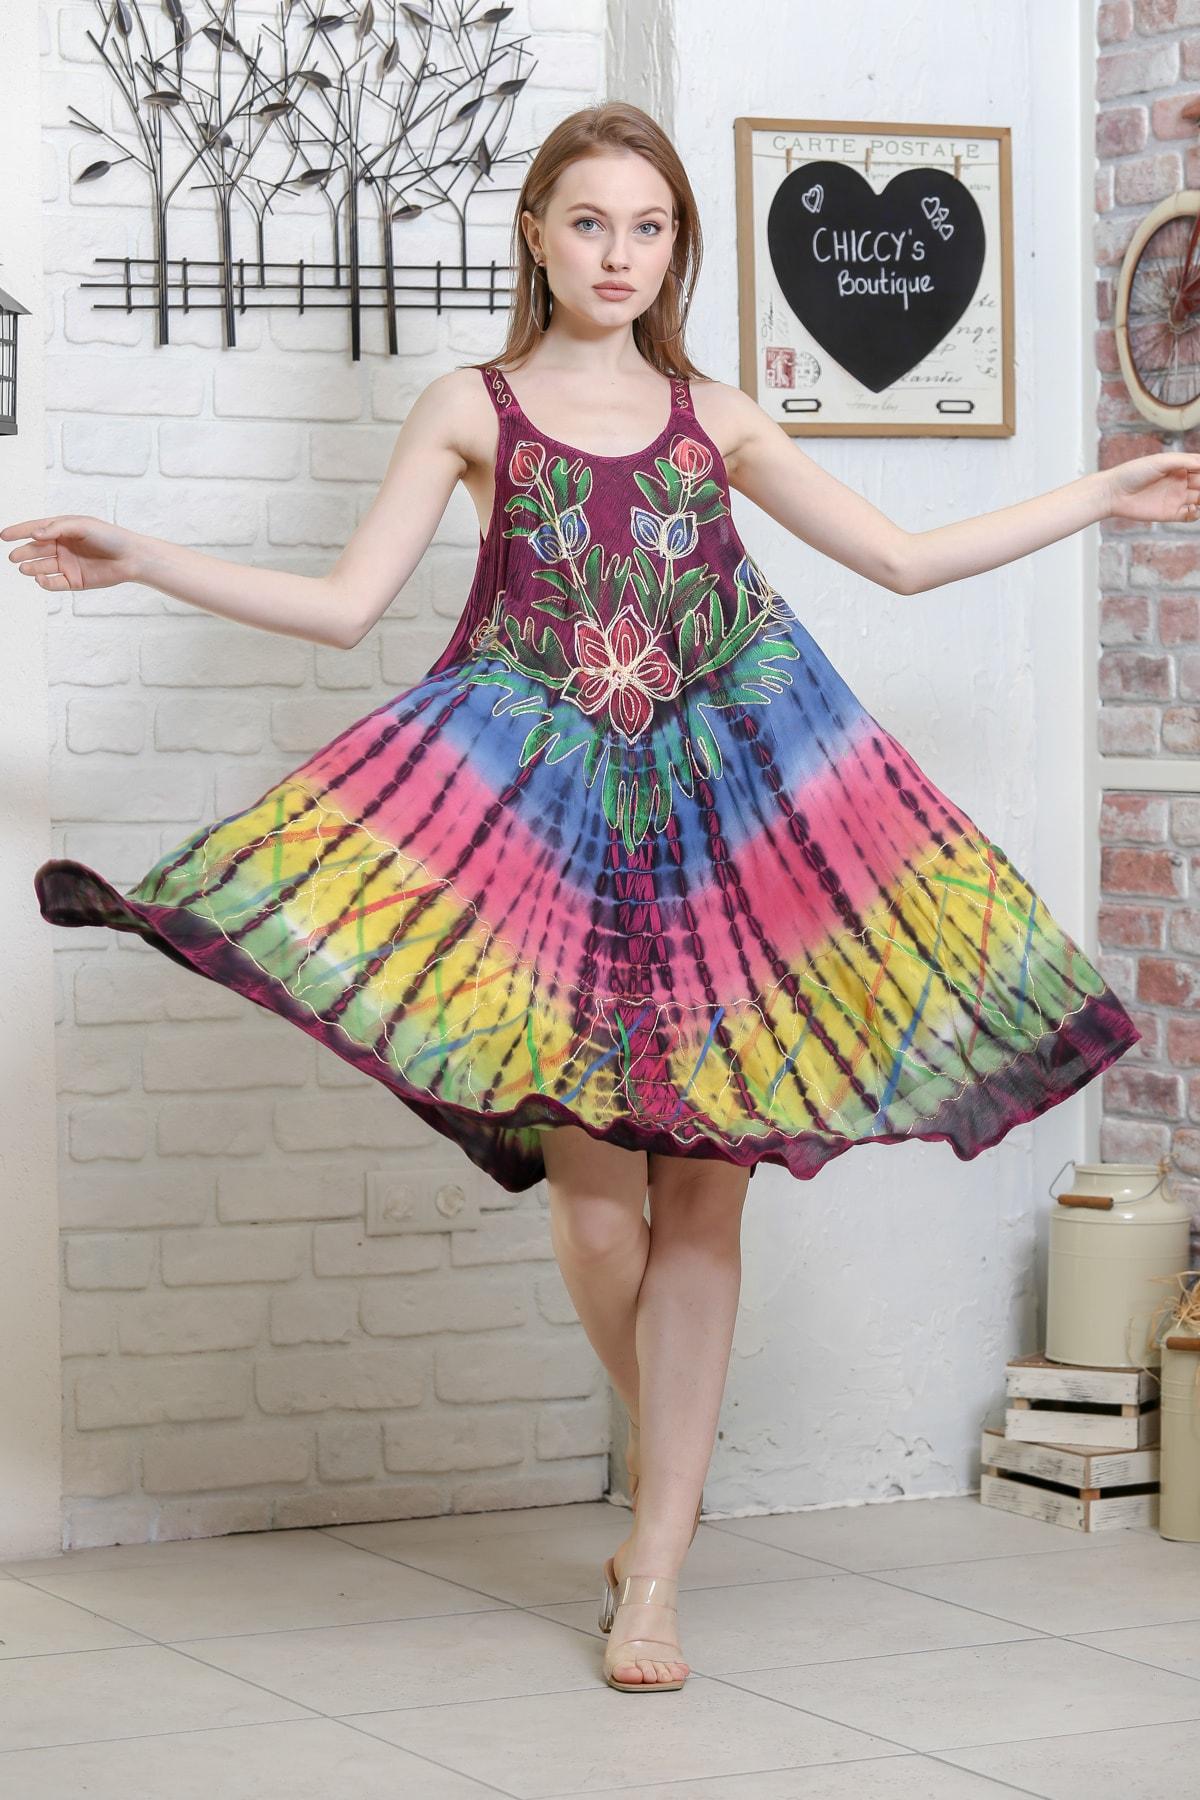 Chiccy Kadın Mürdüm Batik Zambak Desenli Salaş Dokuma Elbise M10160000EL95129